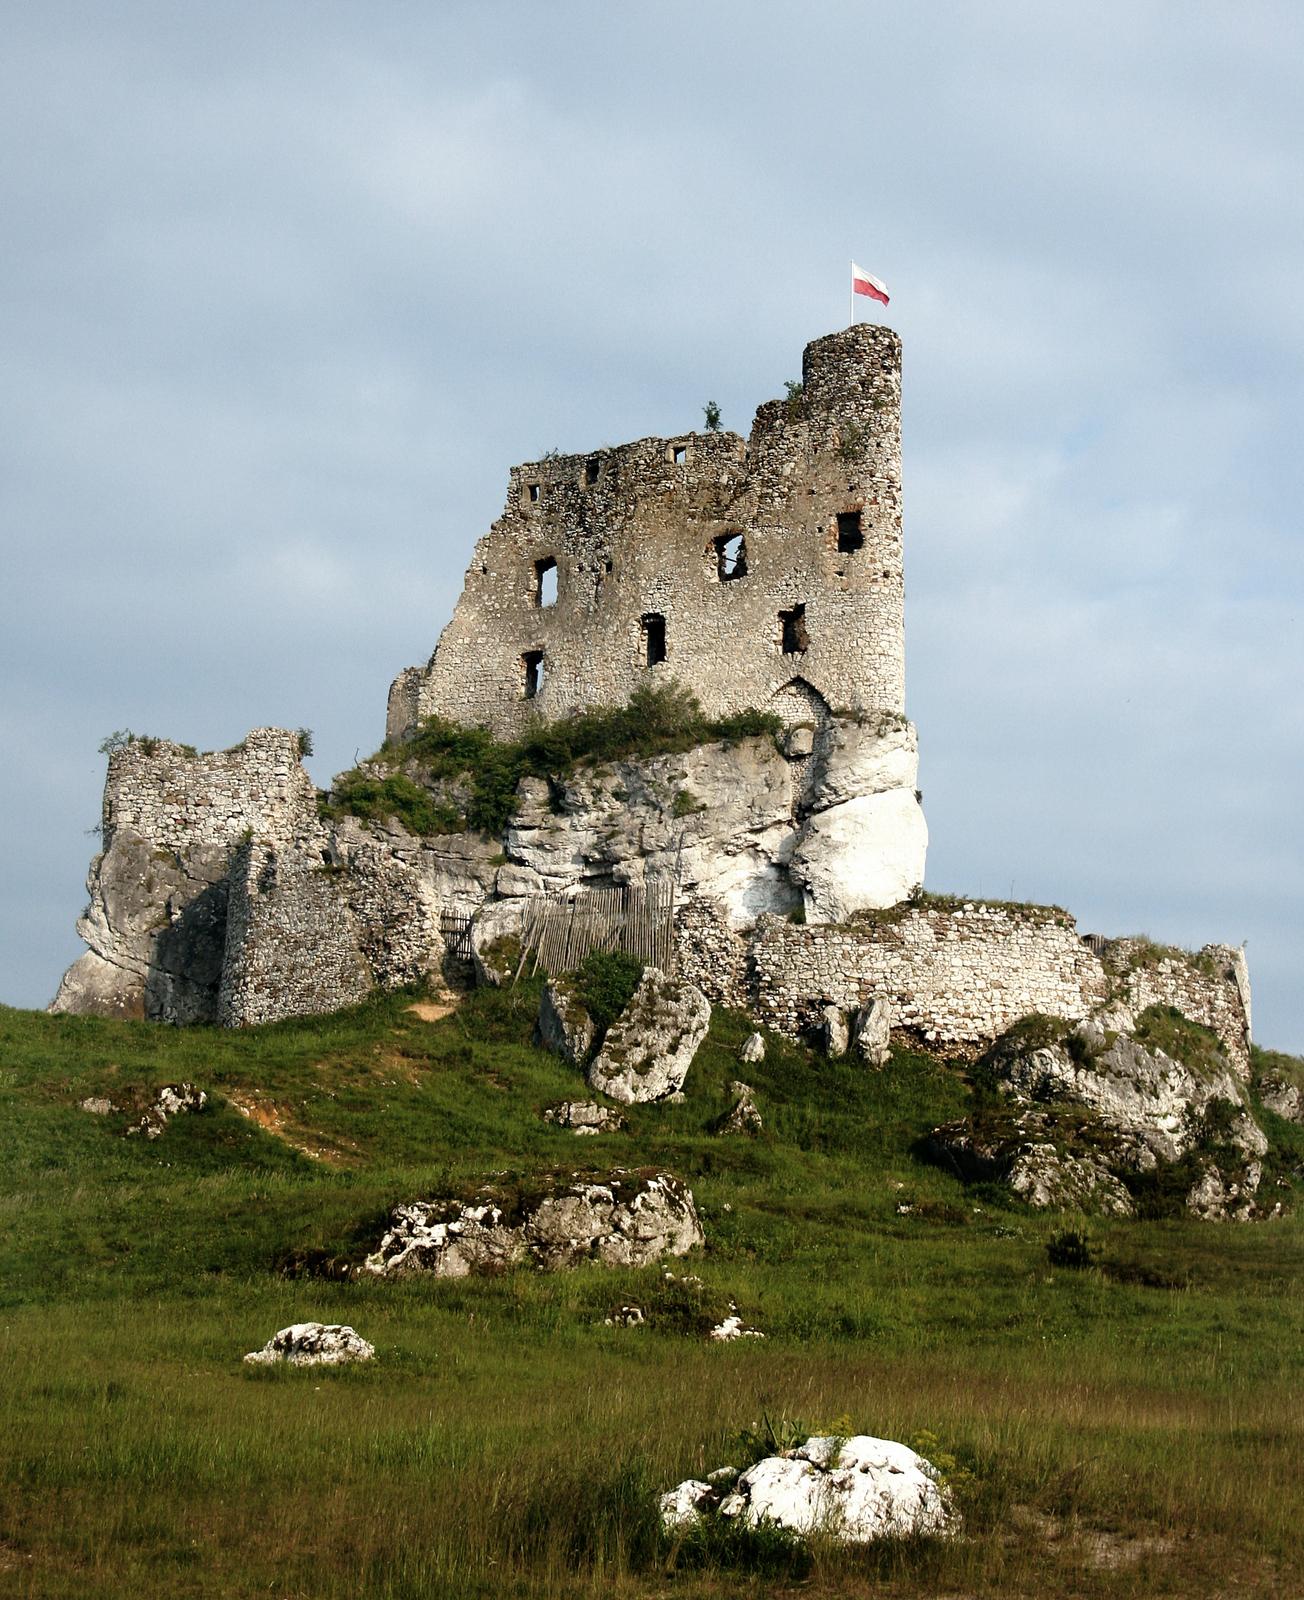 Zamek wMirowie Zamek wMirowie Źródło: Przykuta, Wikimedia Commons, licencja: CC BY-SA 3.0.